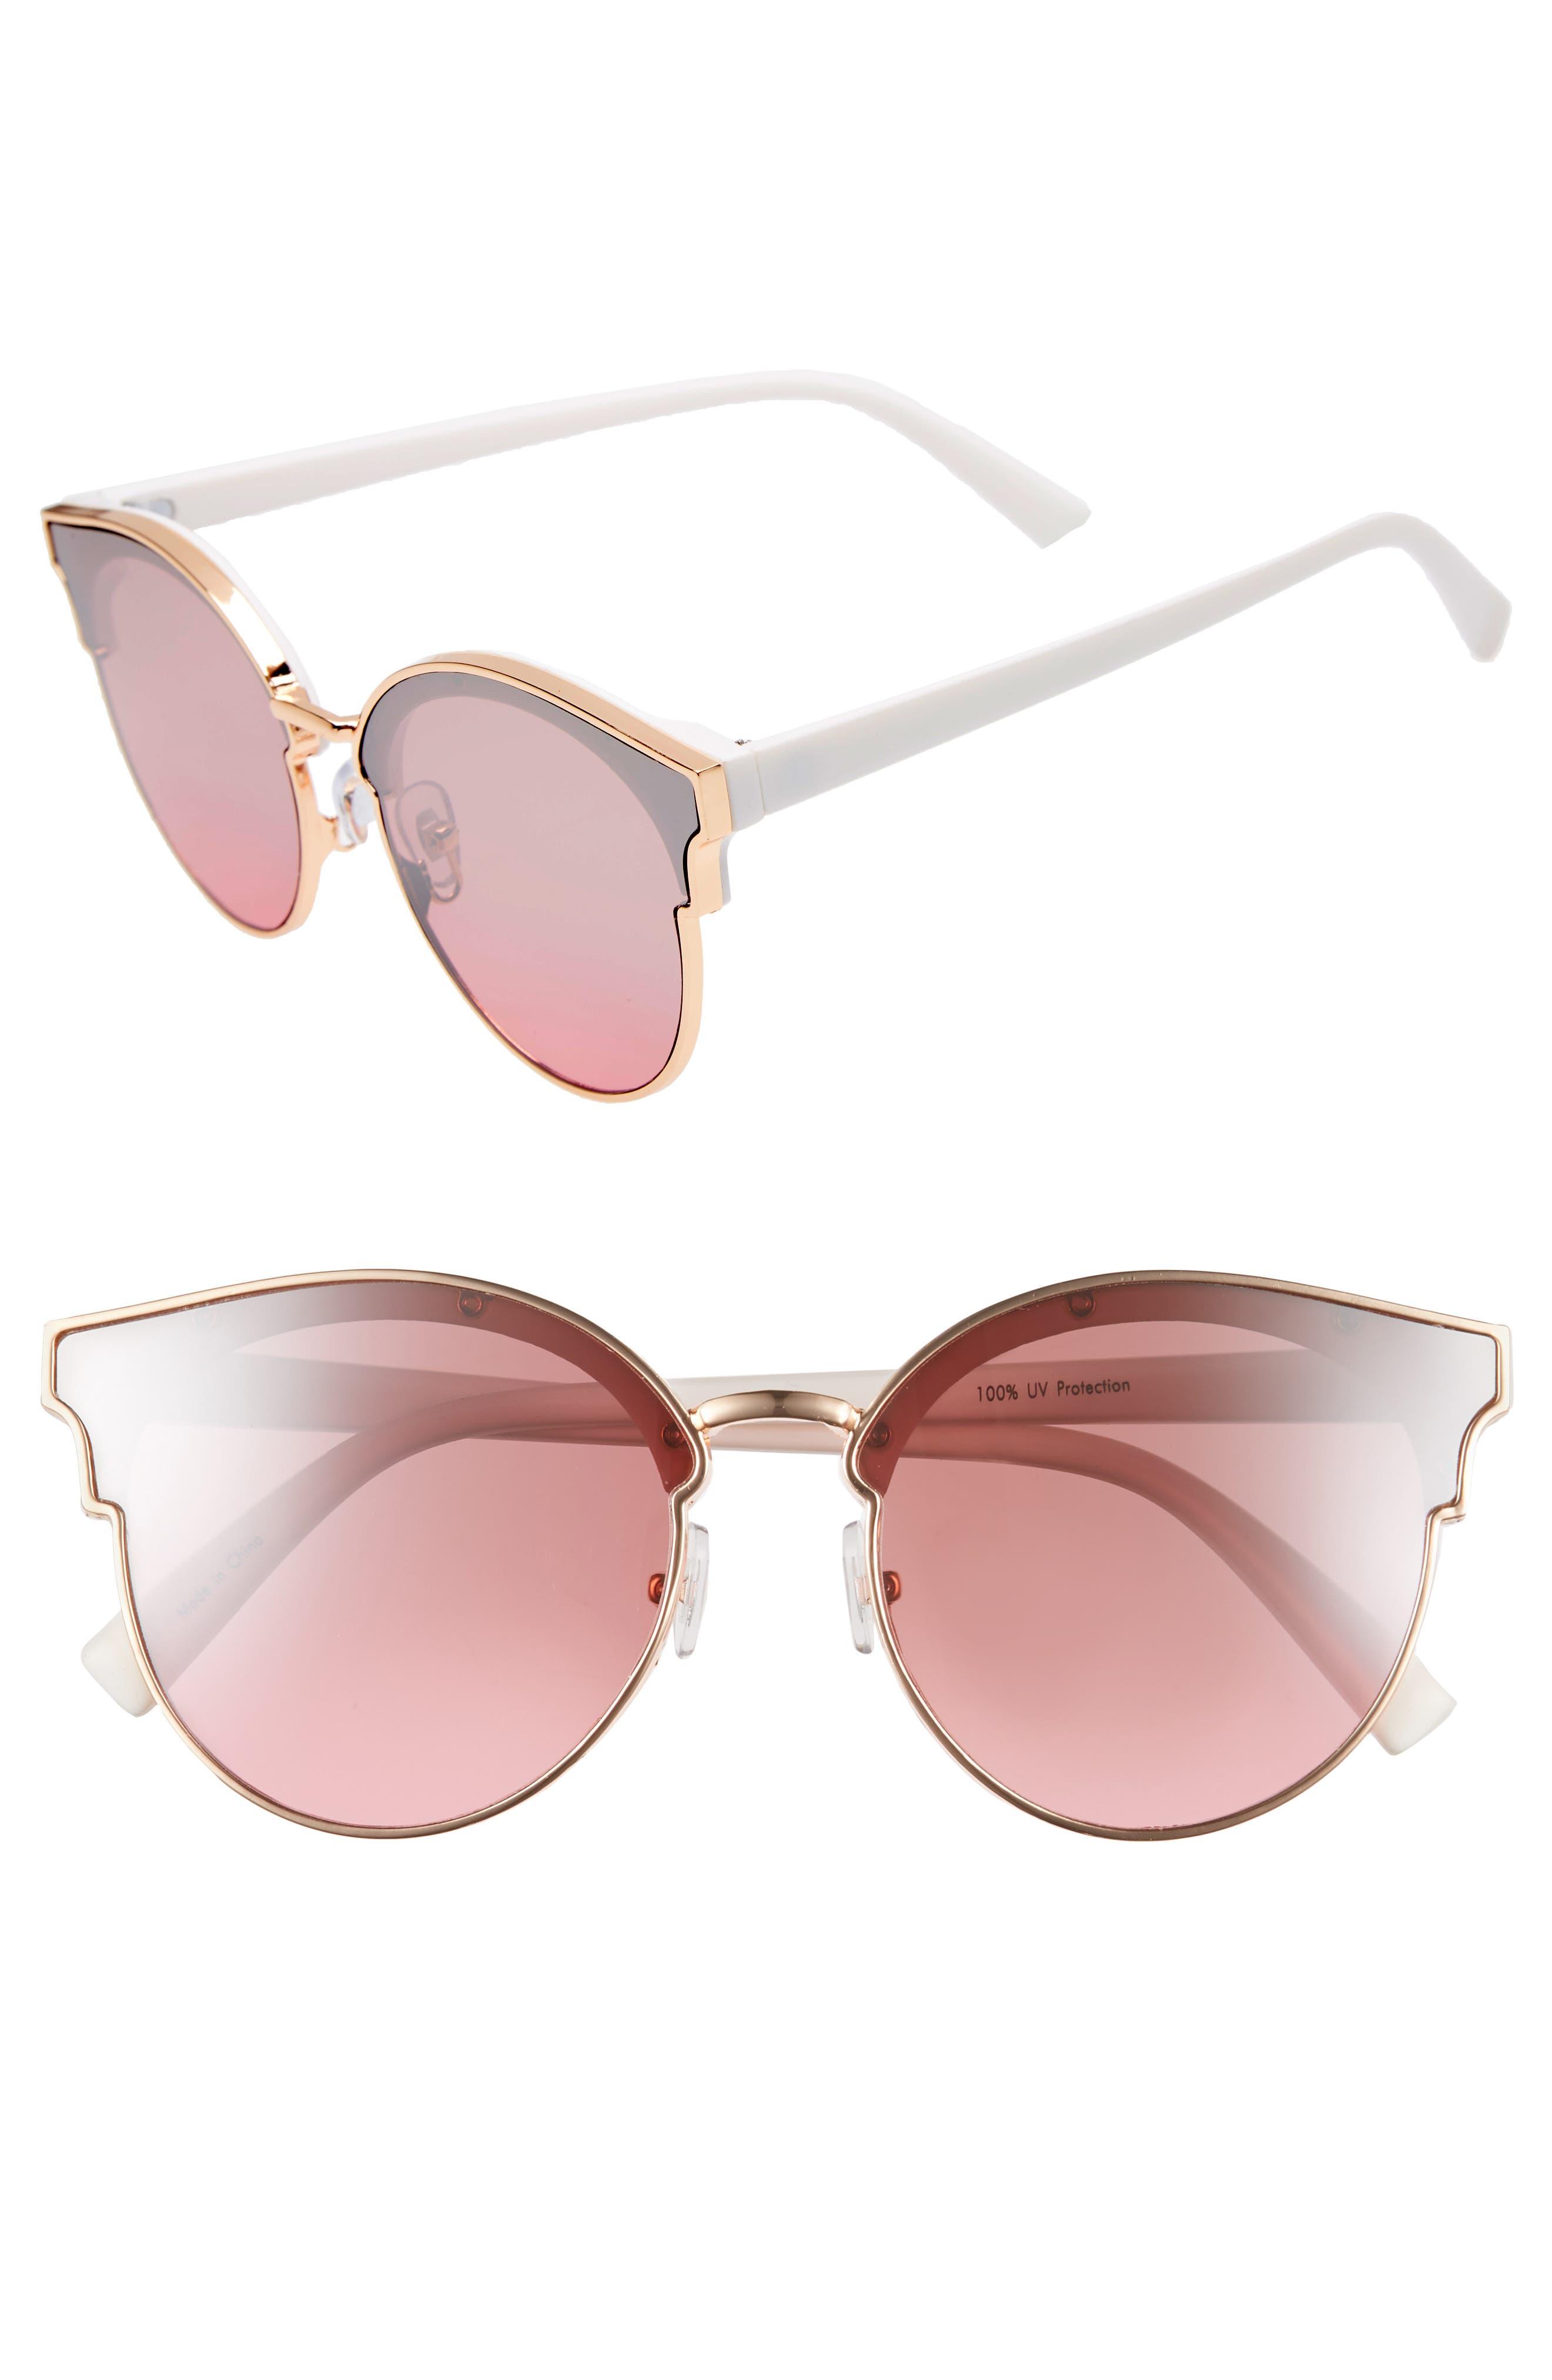 58mm Flat Cat Eye Sunglasses,                             Main thumbnail 1, color,